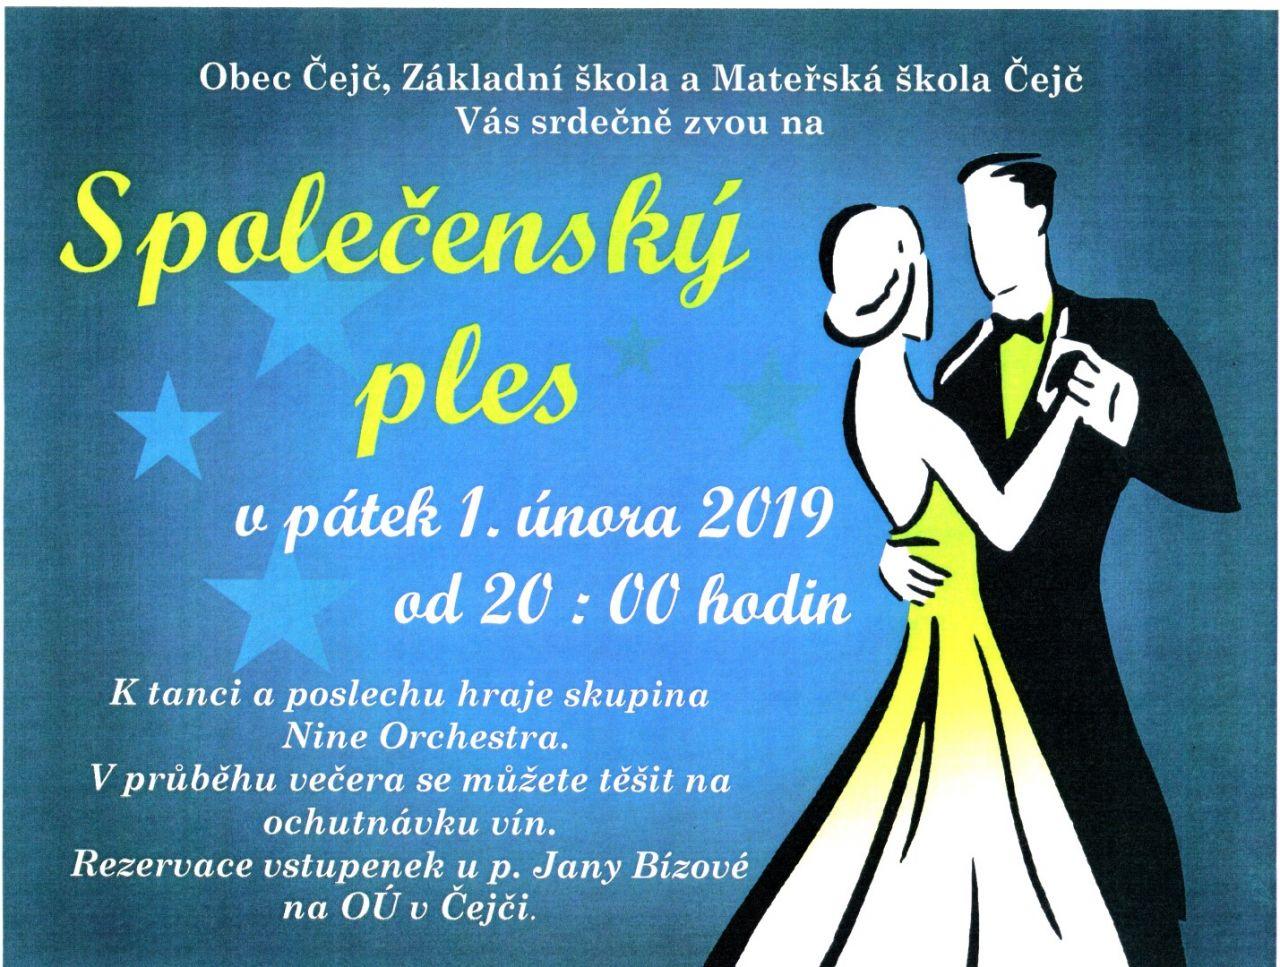 spolecensky-ples-cejc-1-2-2019-large